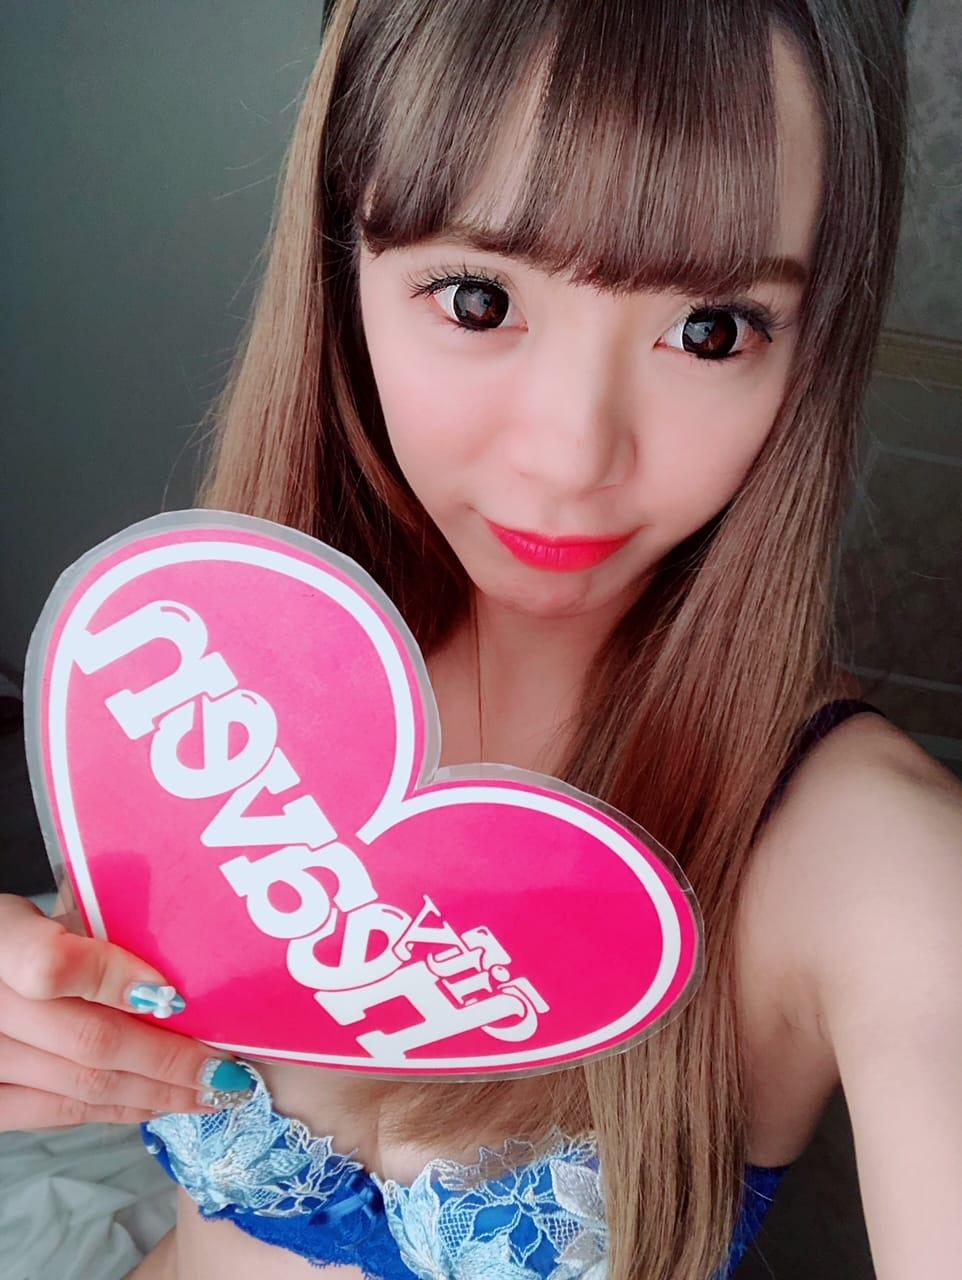 「ありがとう♡」05/11(05/11) 21:34   りなの写メ・風俗動画